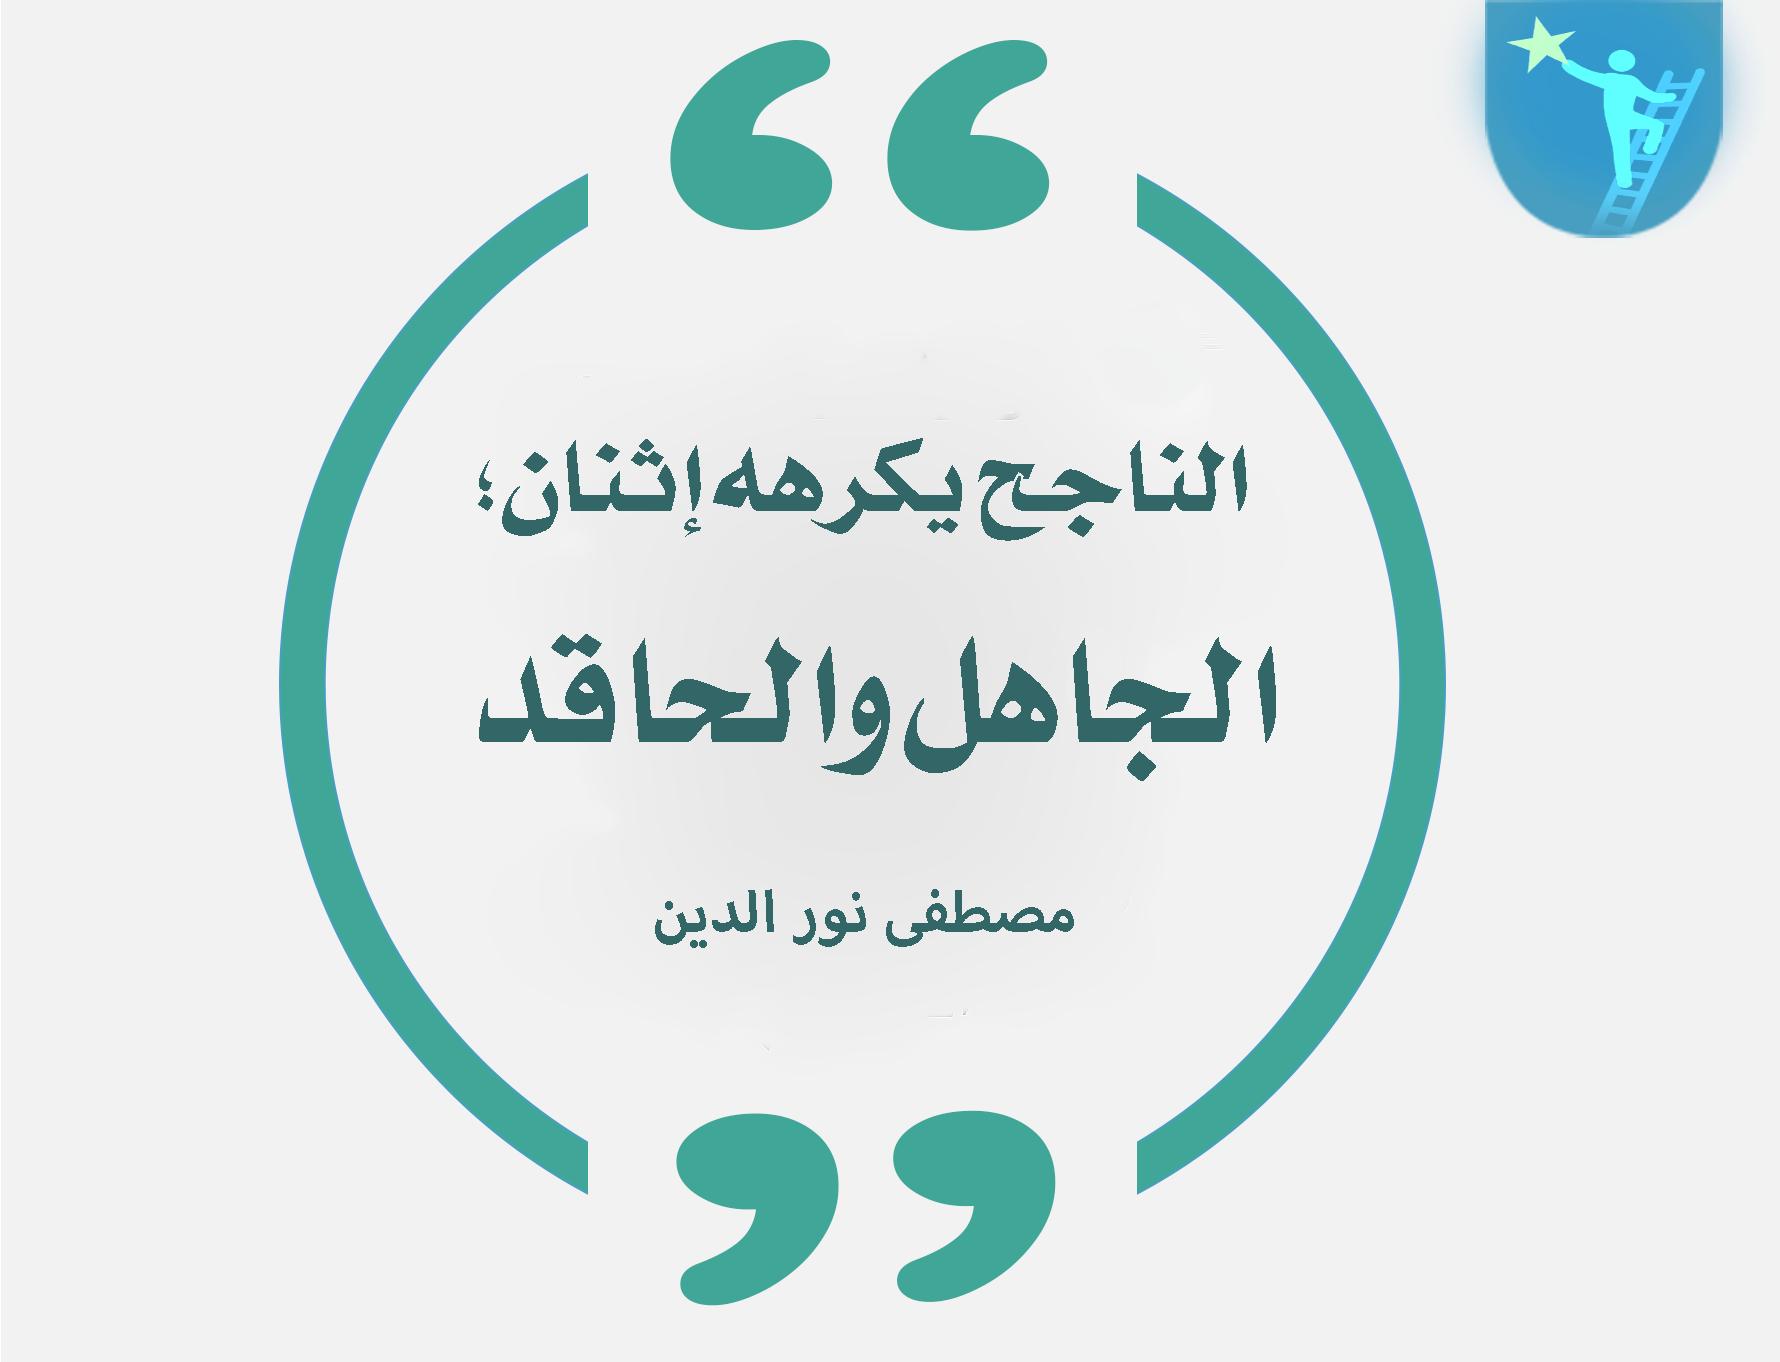 عبارات قصيره مؤثره عبارات قصيره مزخرفه عبارات قصيرة عن الحب